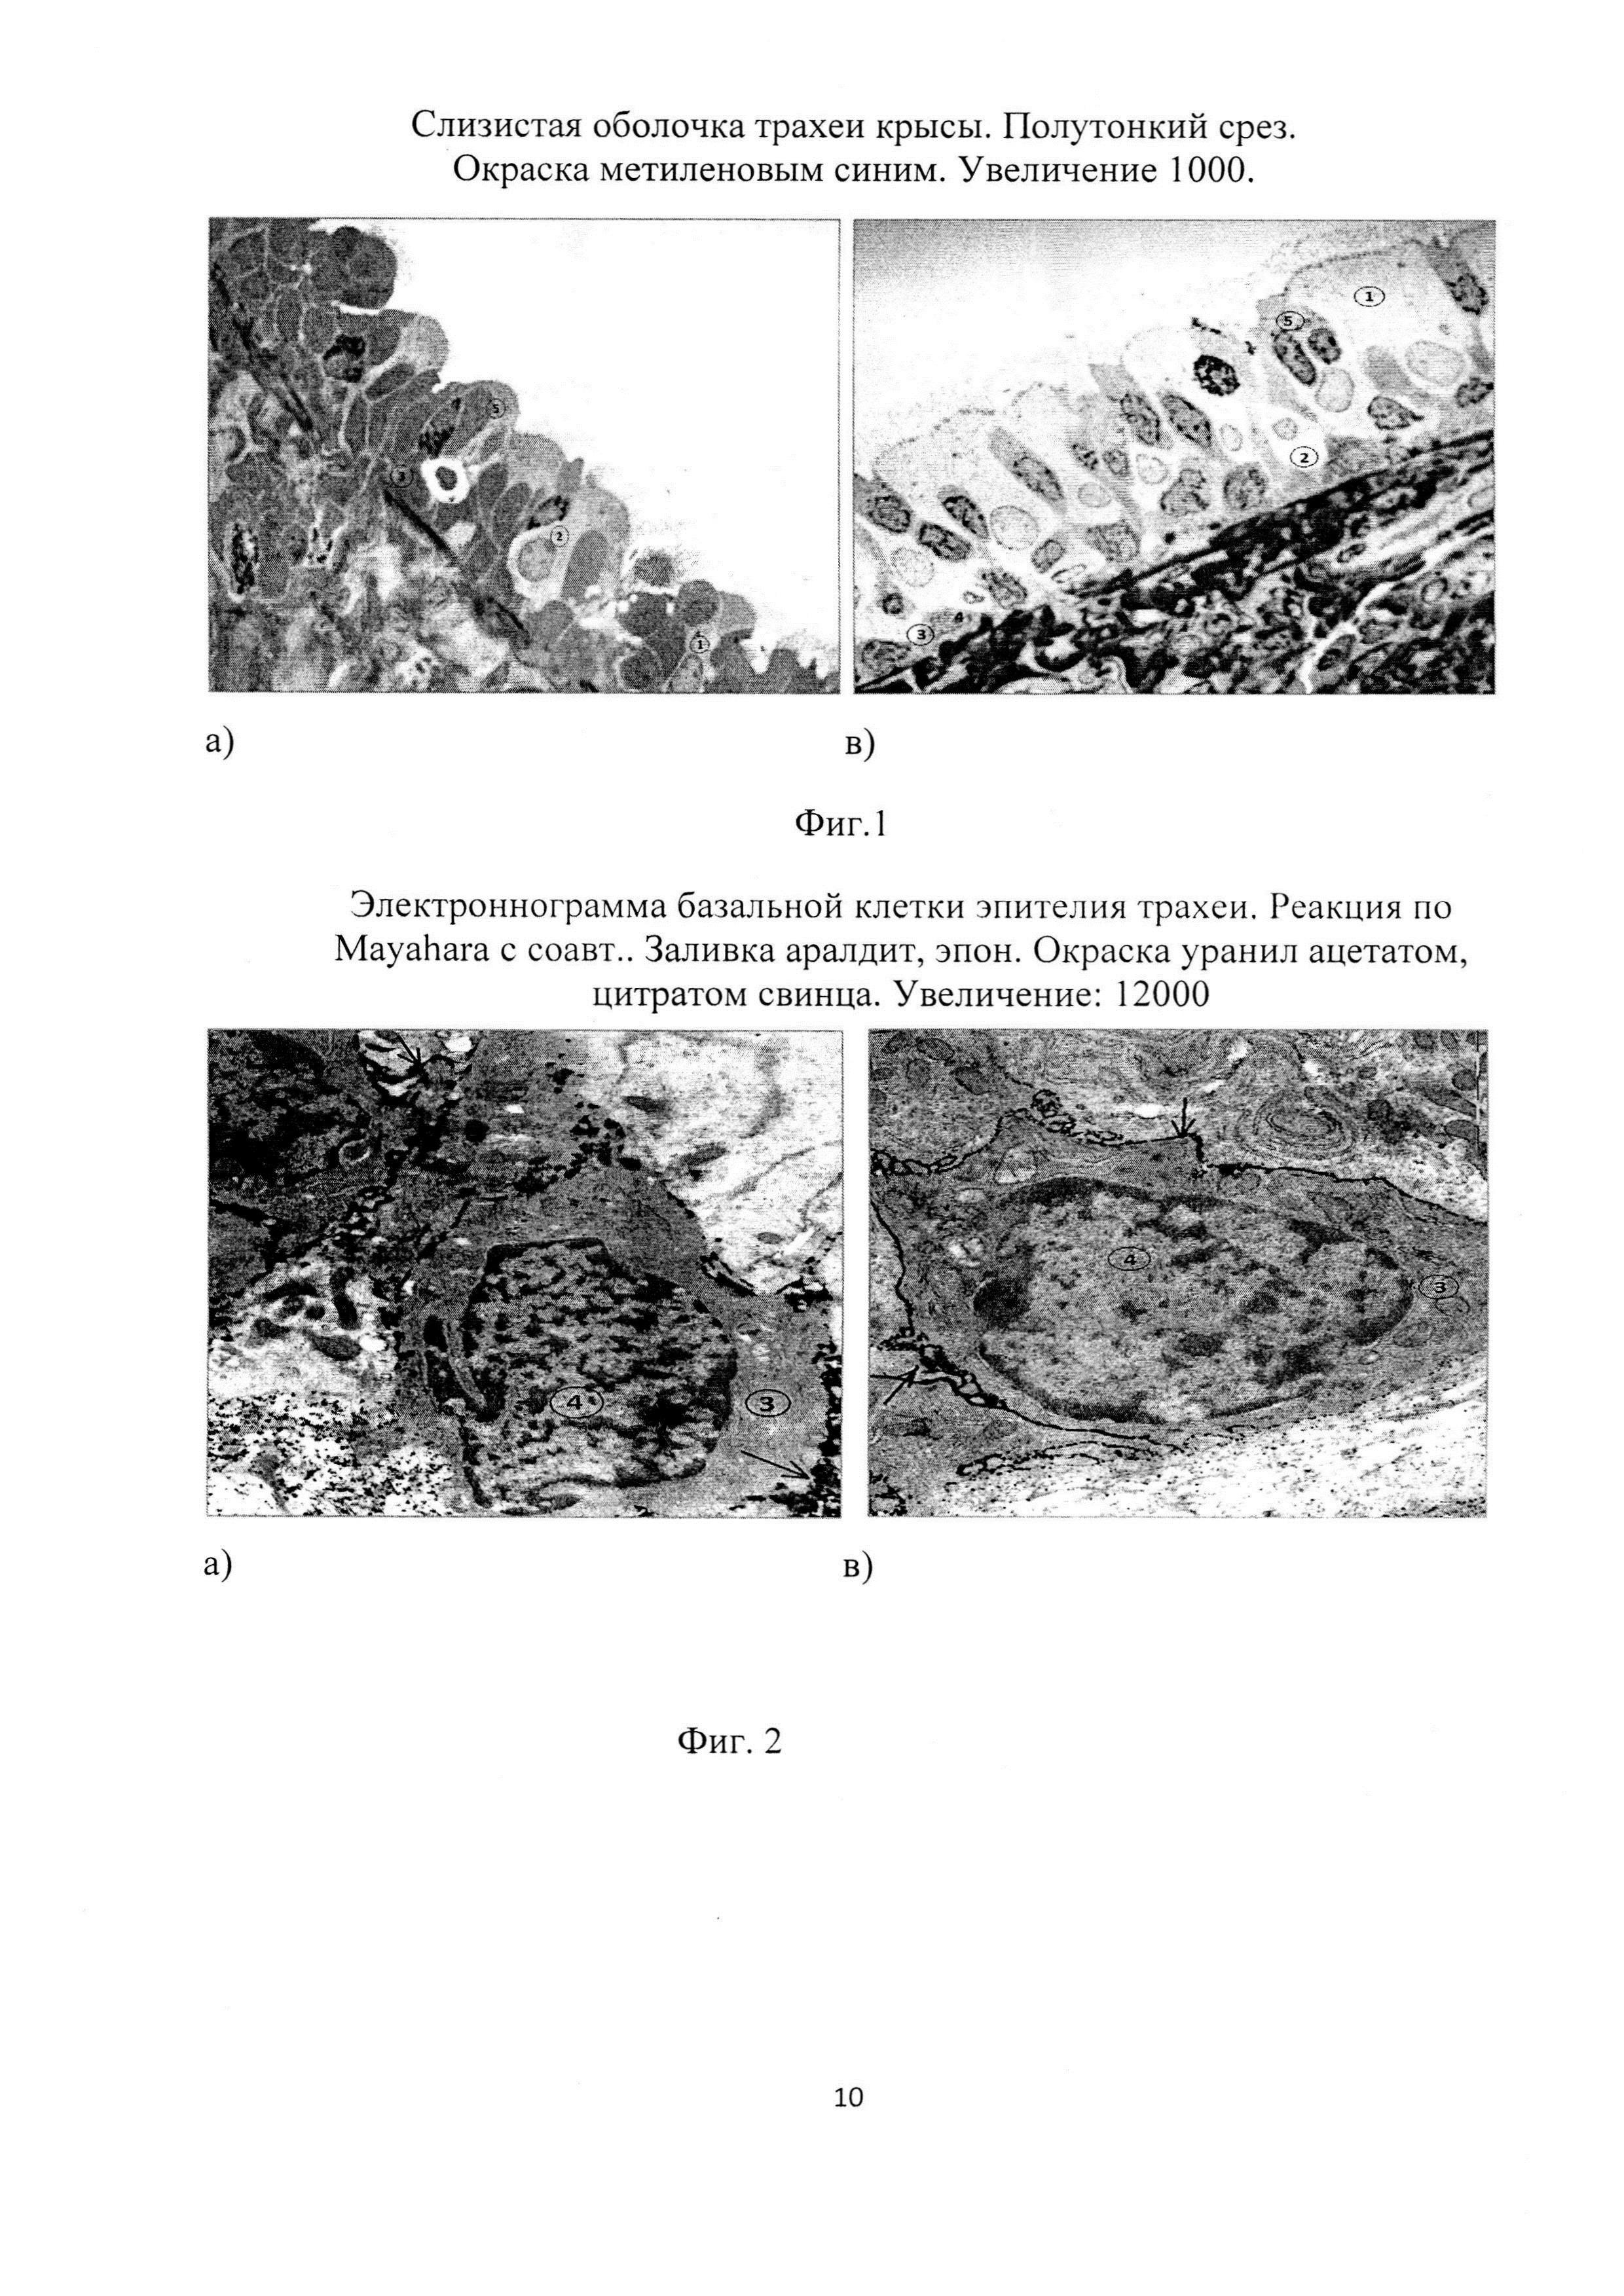 Способ активации регенерационного потенциала эпителия трахеи старых крыс при общем охлаждении организма